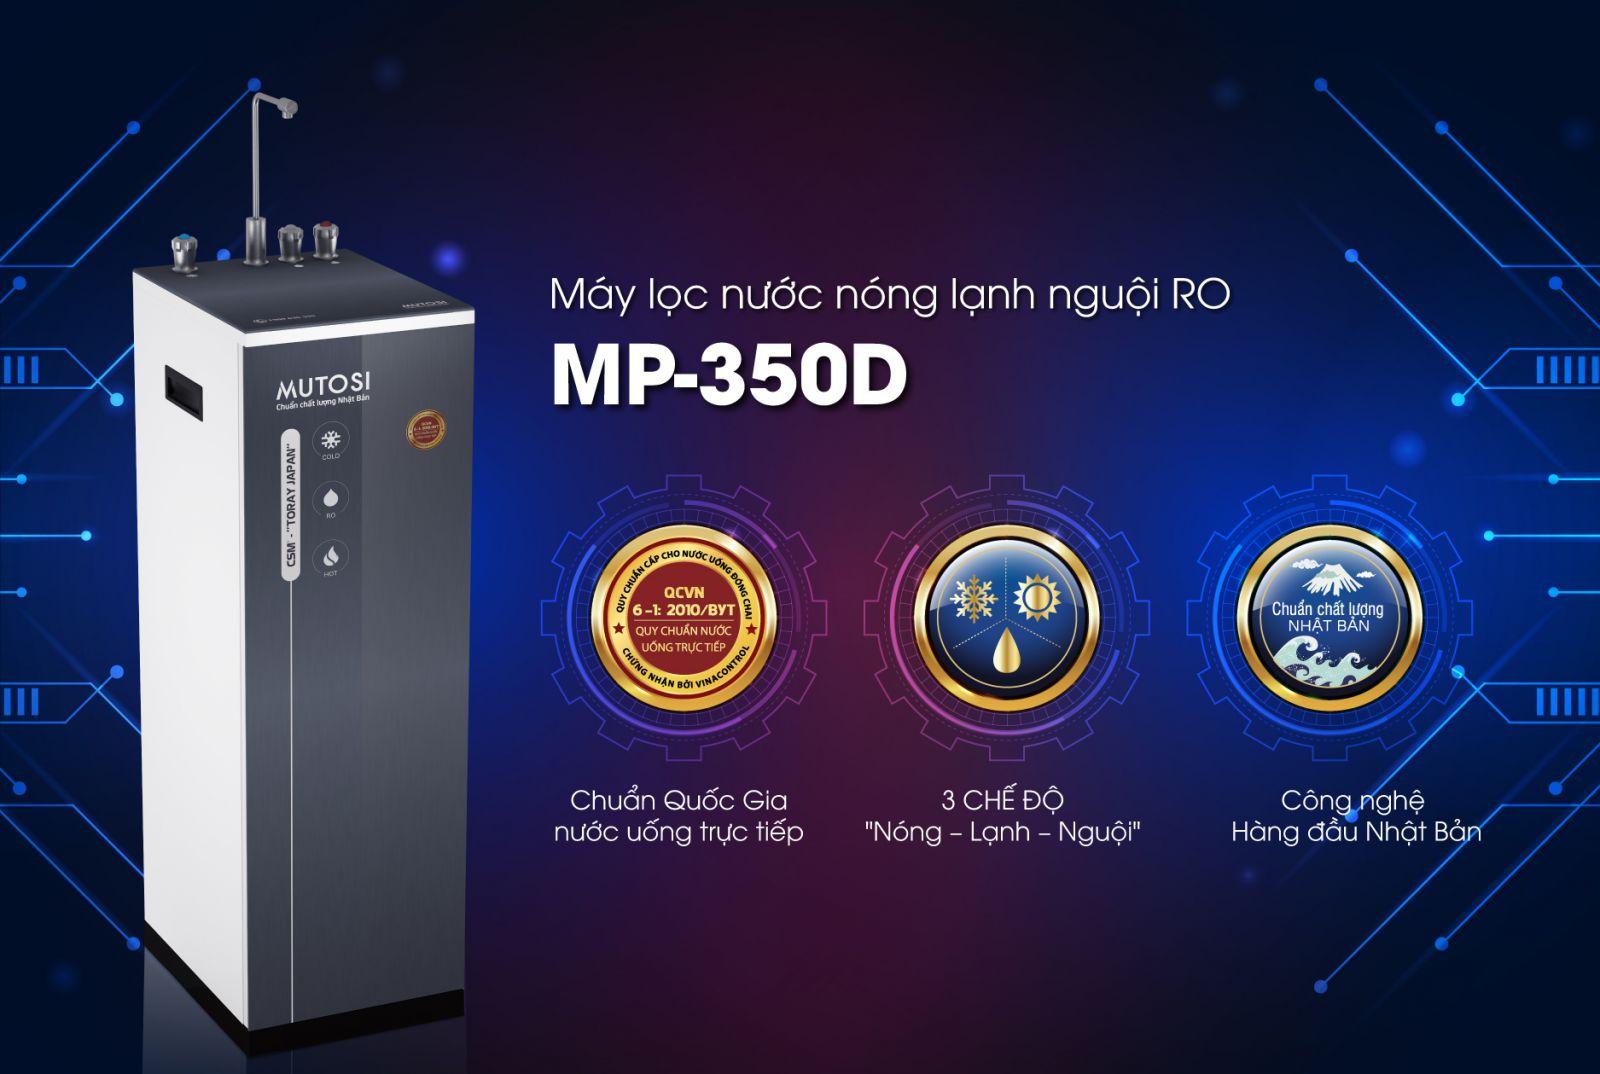 Máy lọc nước RO 3-in-1 nóng lạnh nguội Mutosi MP-350D-GR - Tủ đứng, 8 cấp lọc, công suất  10L/h - Hàng chính hãng